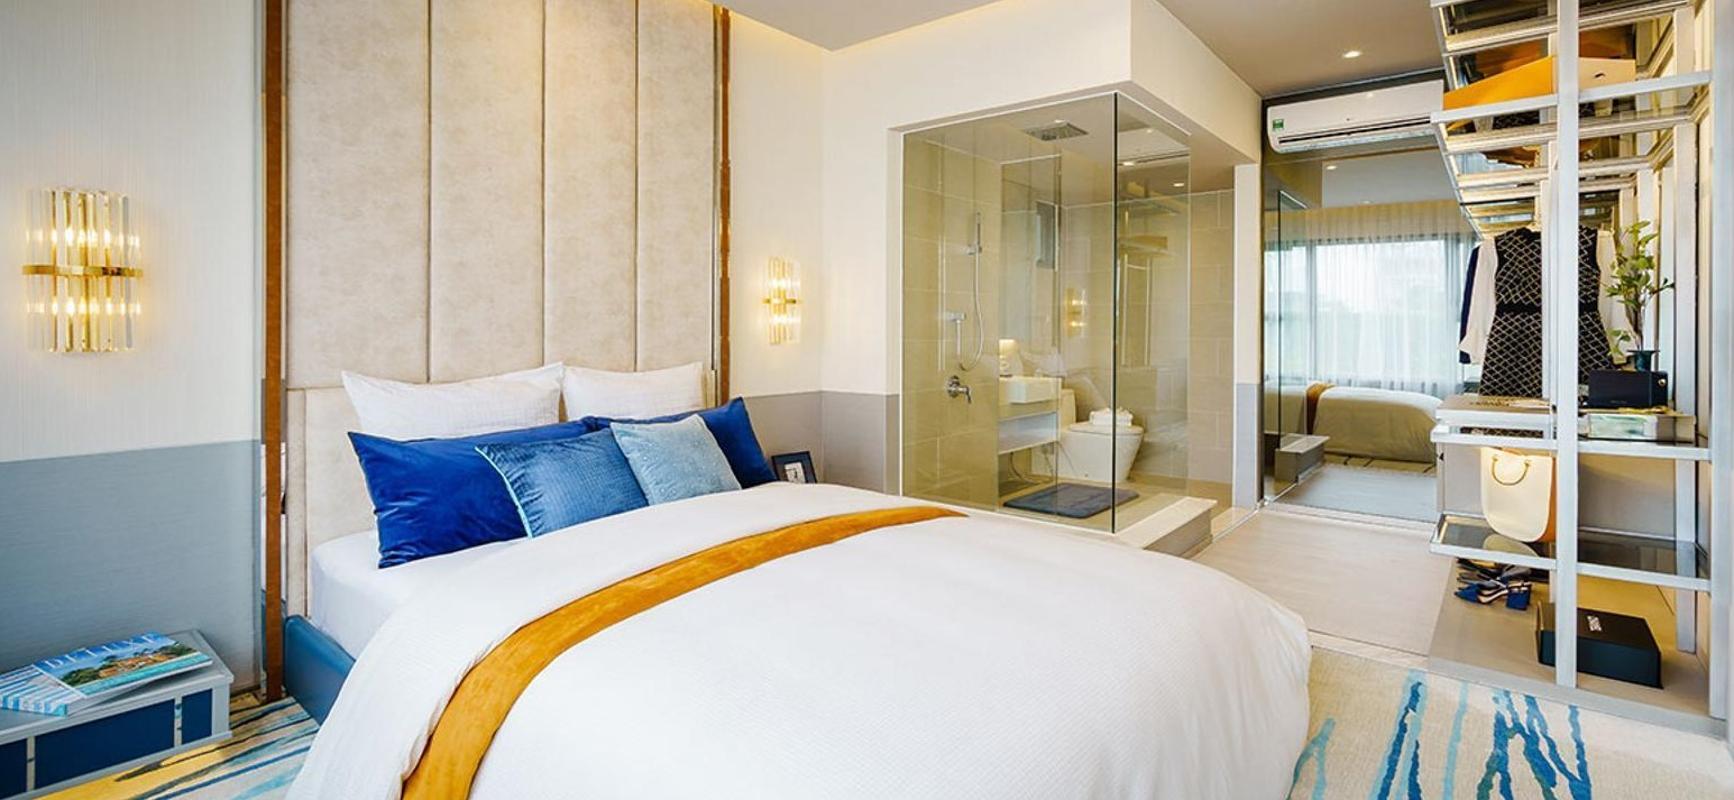 phòng ngủ căn hộ Sky89 Căn hộ tầng 03 Sky 89 ban công hướng Đông thoáng đãng